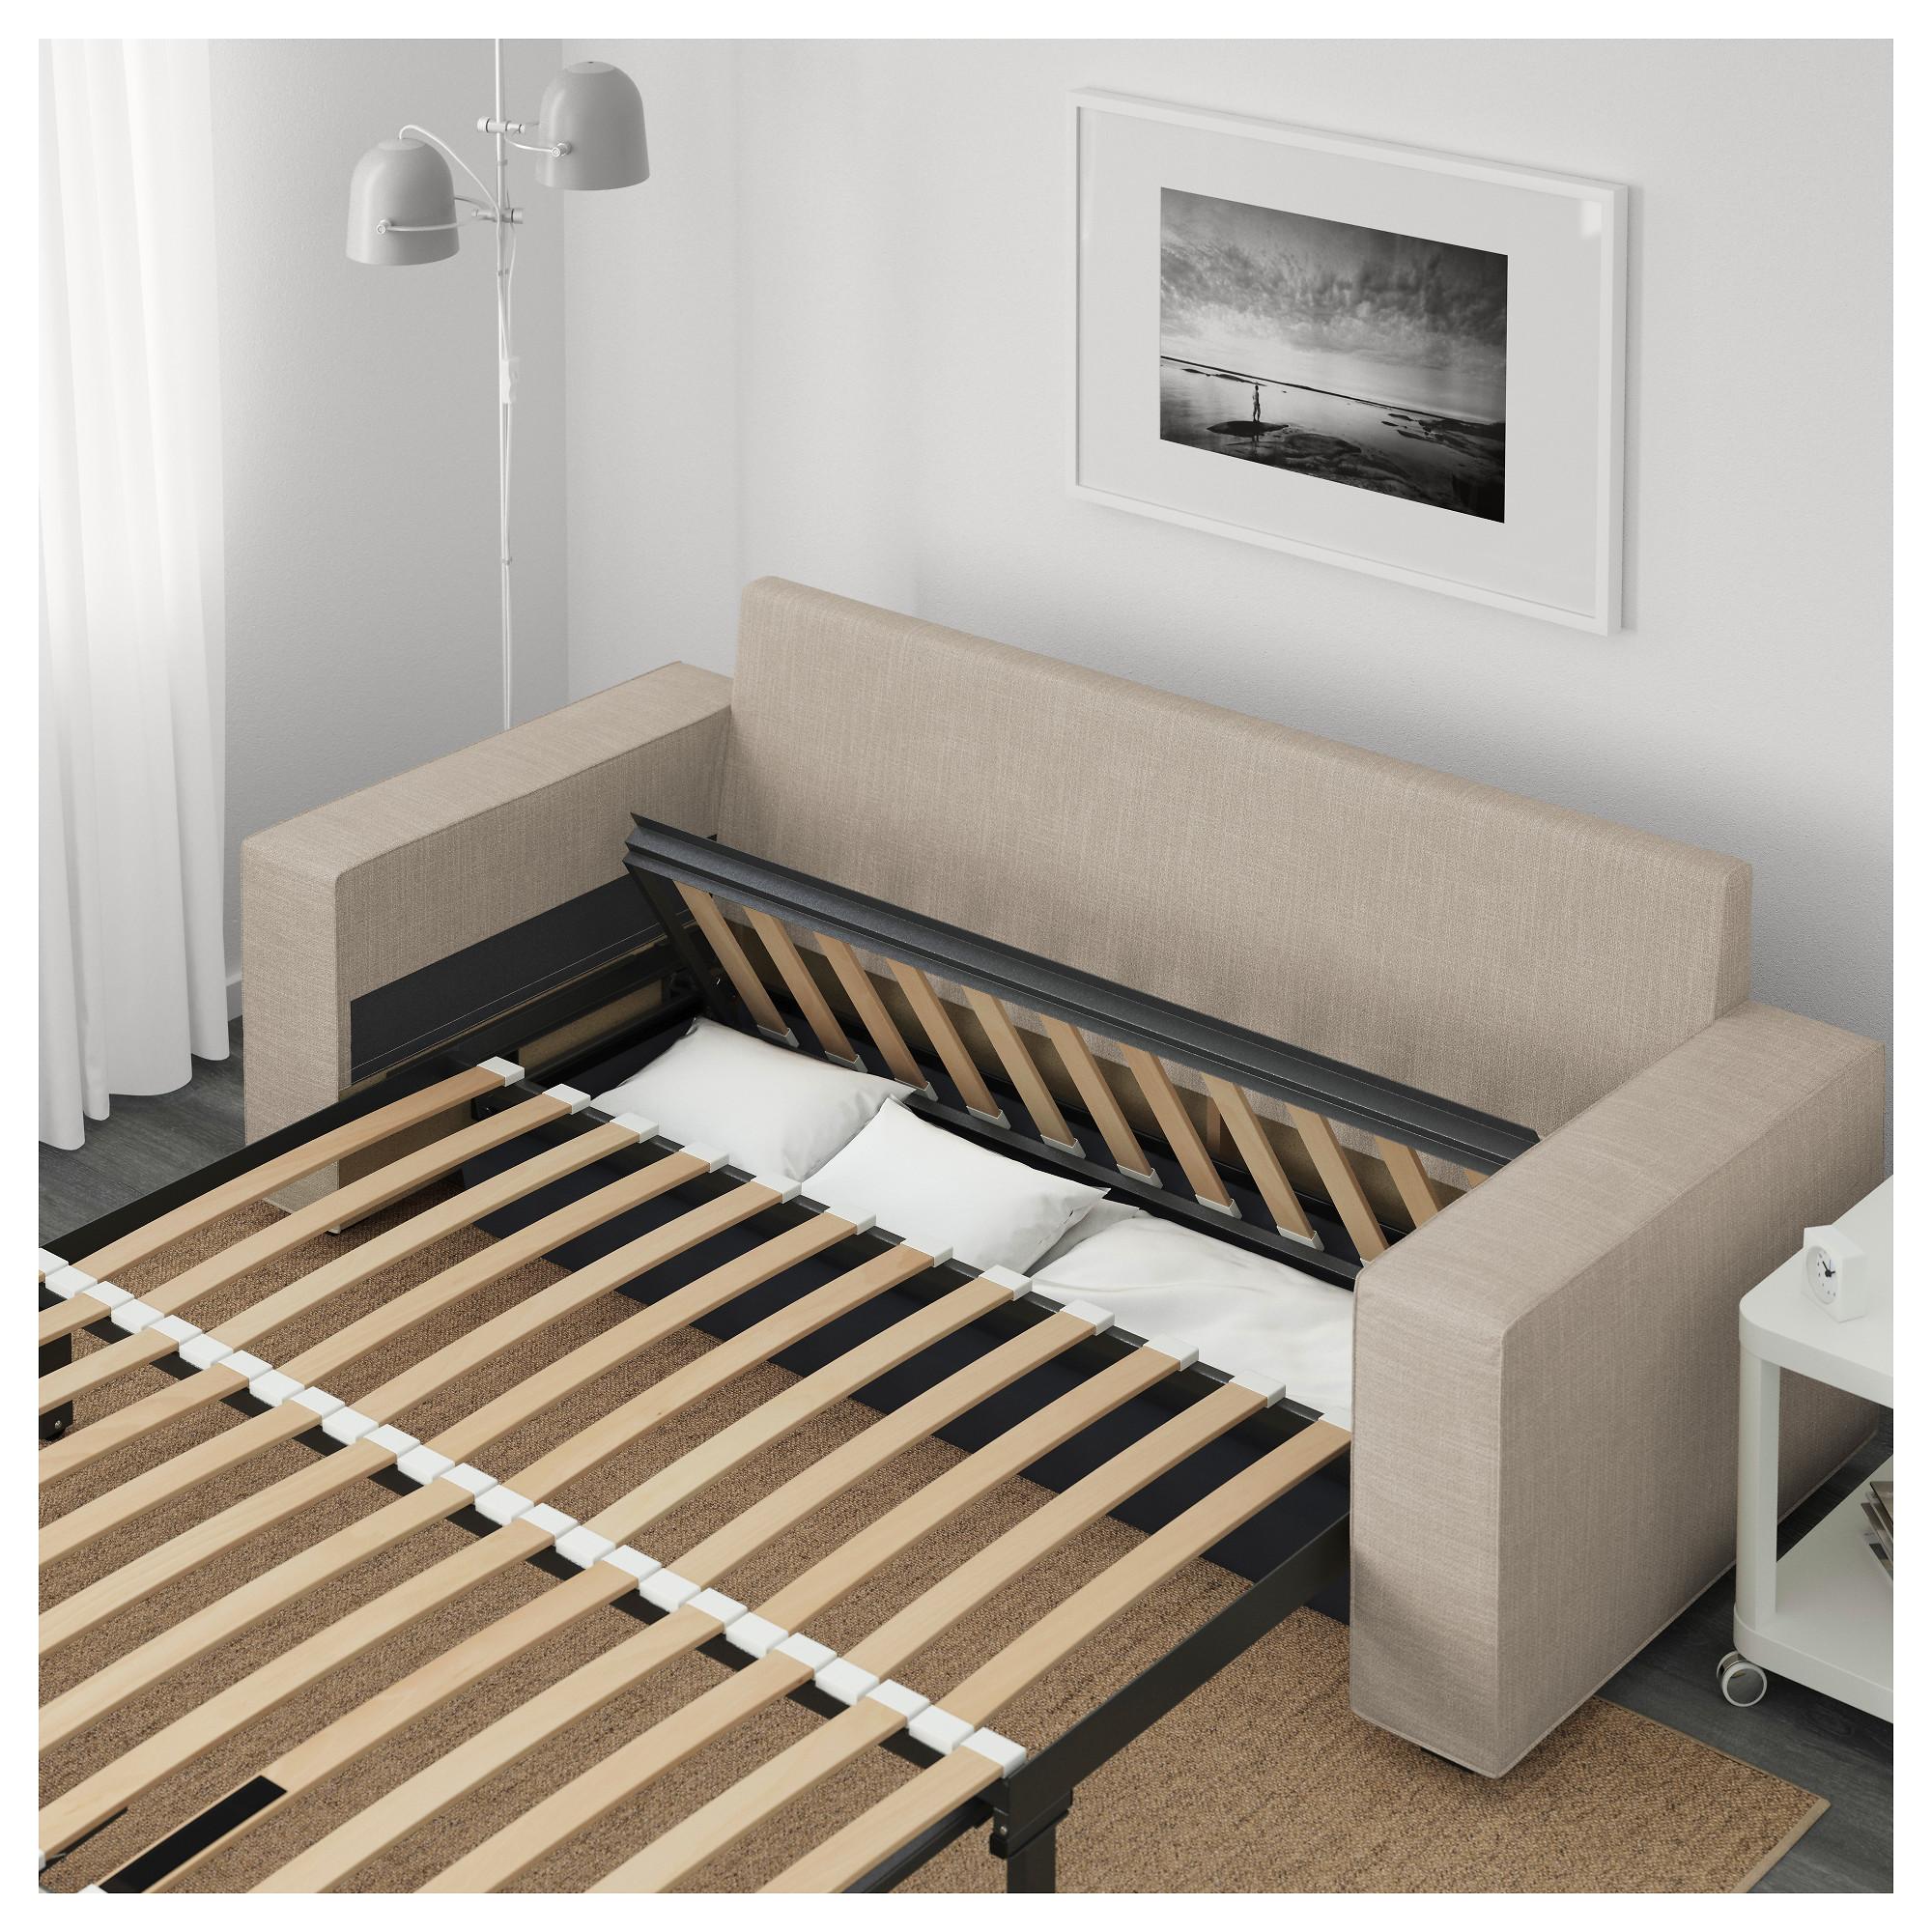 3-местный диван-кровать ВИЛАСУНД бежевый артикуль № 692.824.98 в наличии. Интернет магазин ИКЕА Минск. Недорогая доставка и соборка.